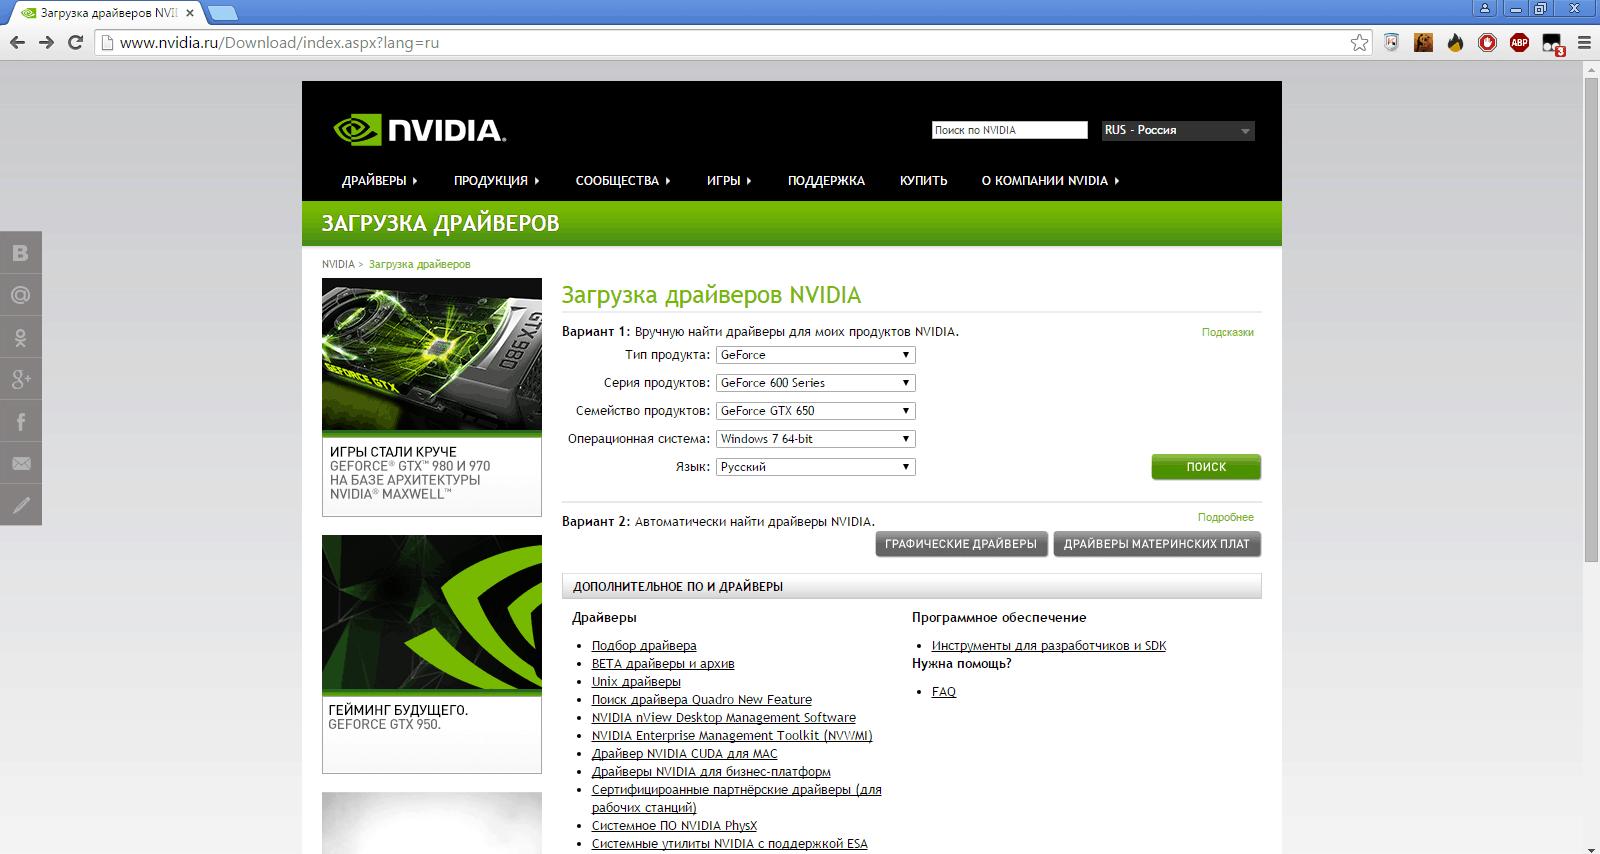 Драйвер для NVidia GTX 650